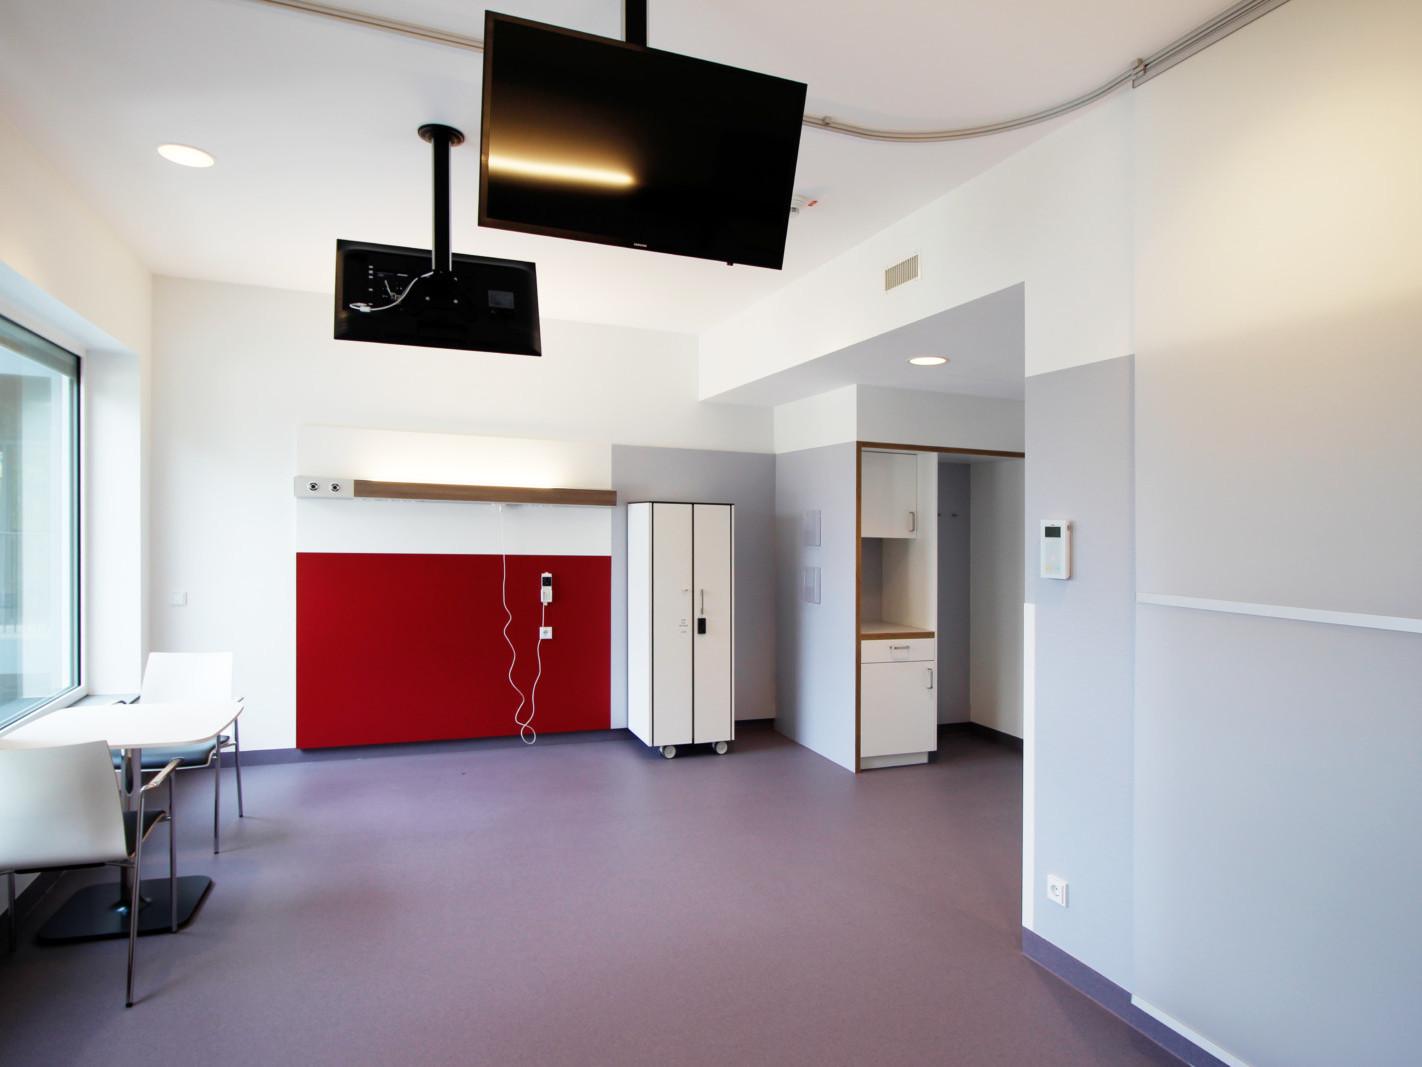 Verbindungsbau_JoHo Dortmund_GKV-Zimmer offen